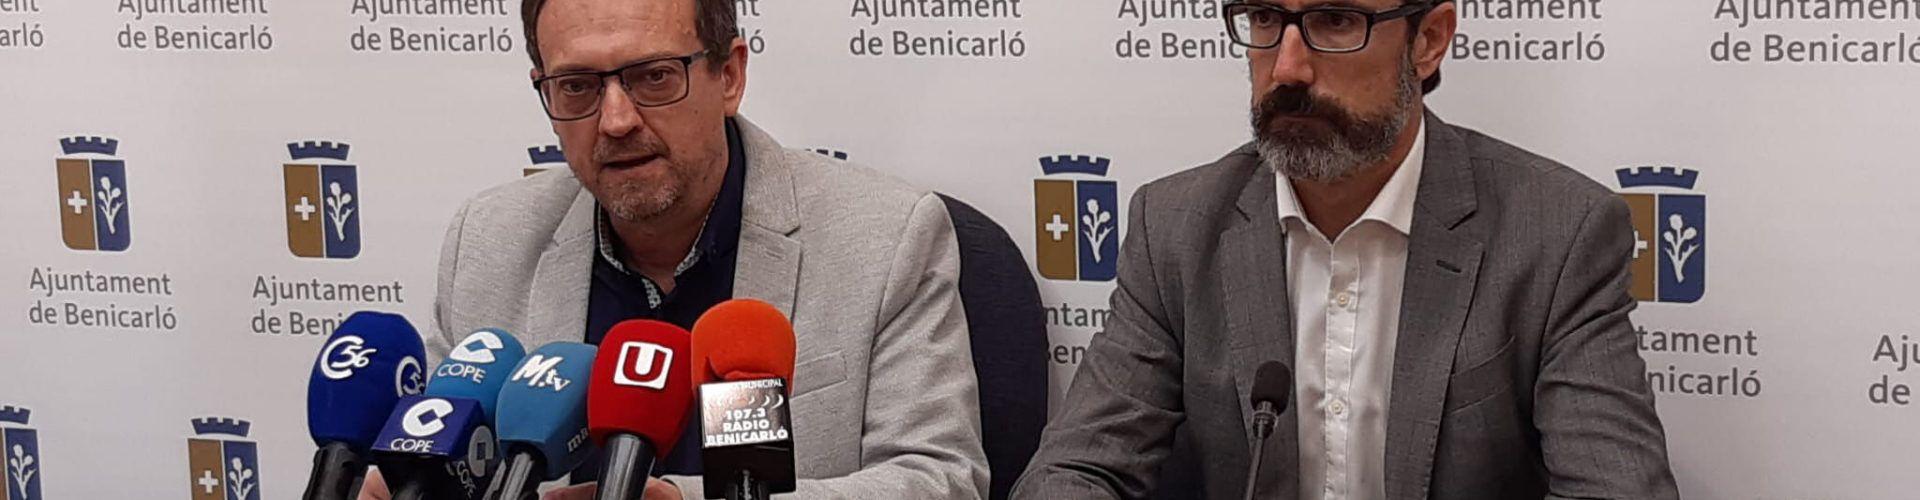 El projecte Actiben Futur reuneix a Benicarló 20 propostes d'alumnat emprenedor